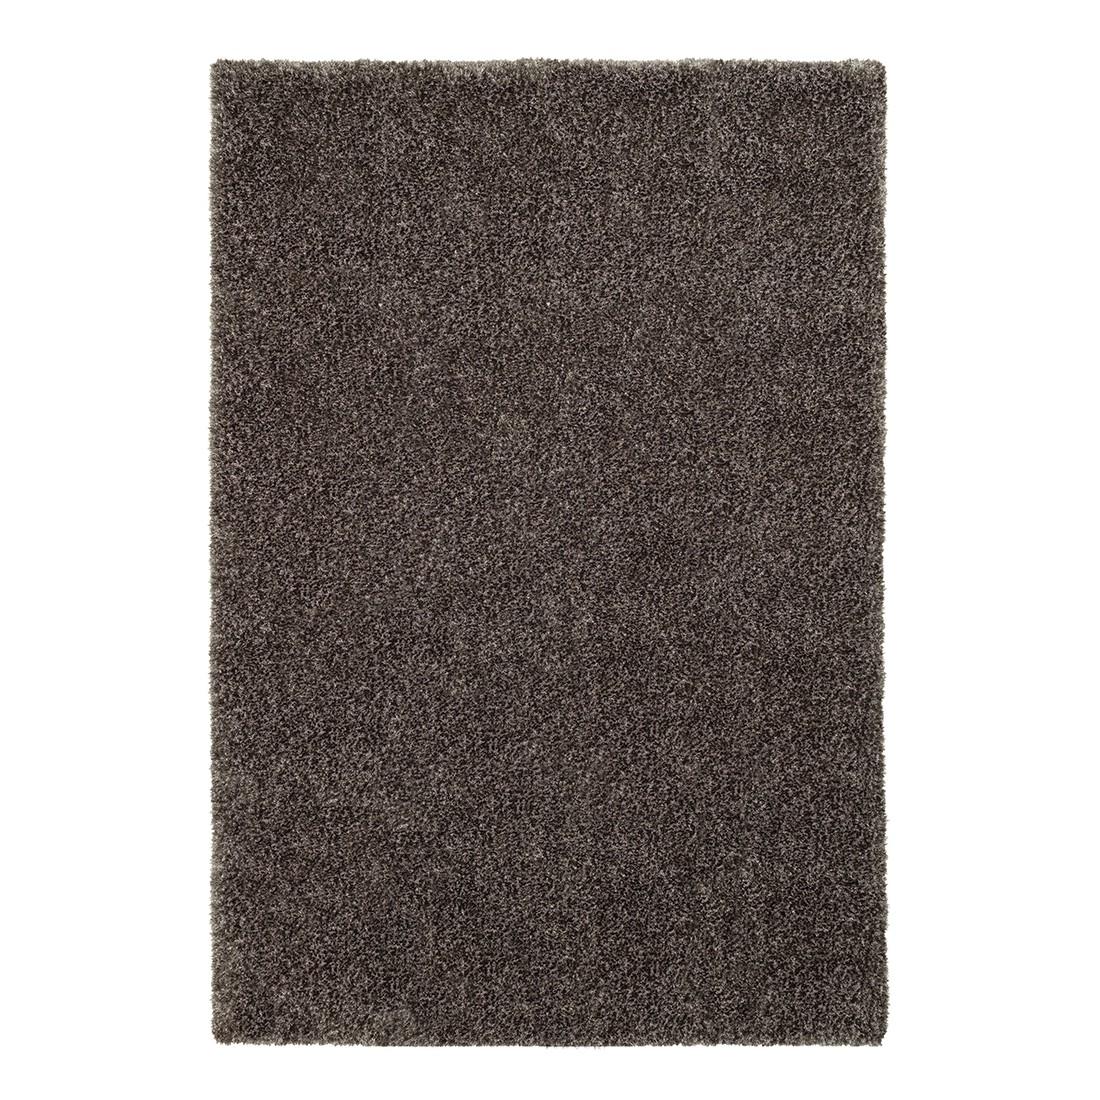 Teppich Emotion - Grau - 90 x 160 cm, Schöner Wohnen Kollektion